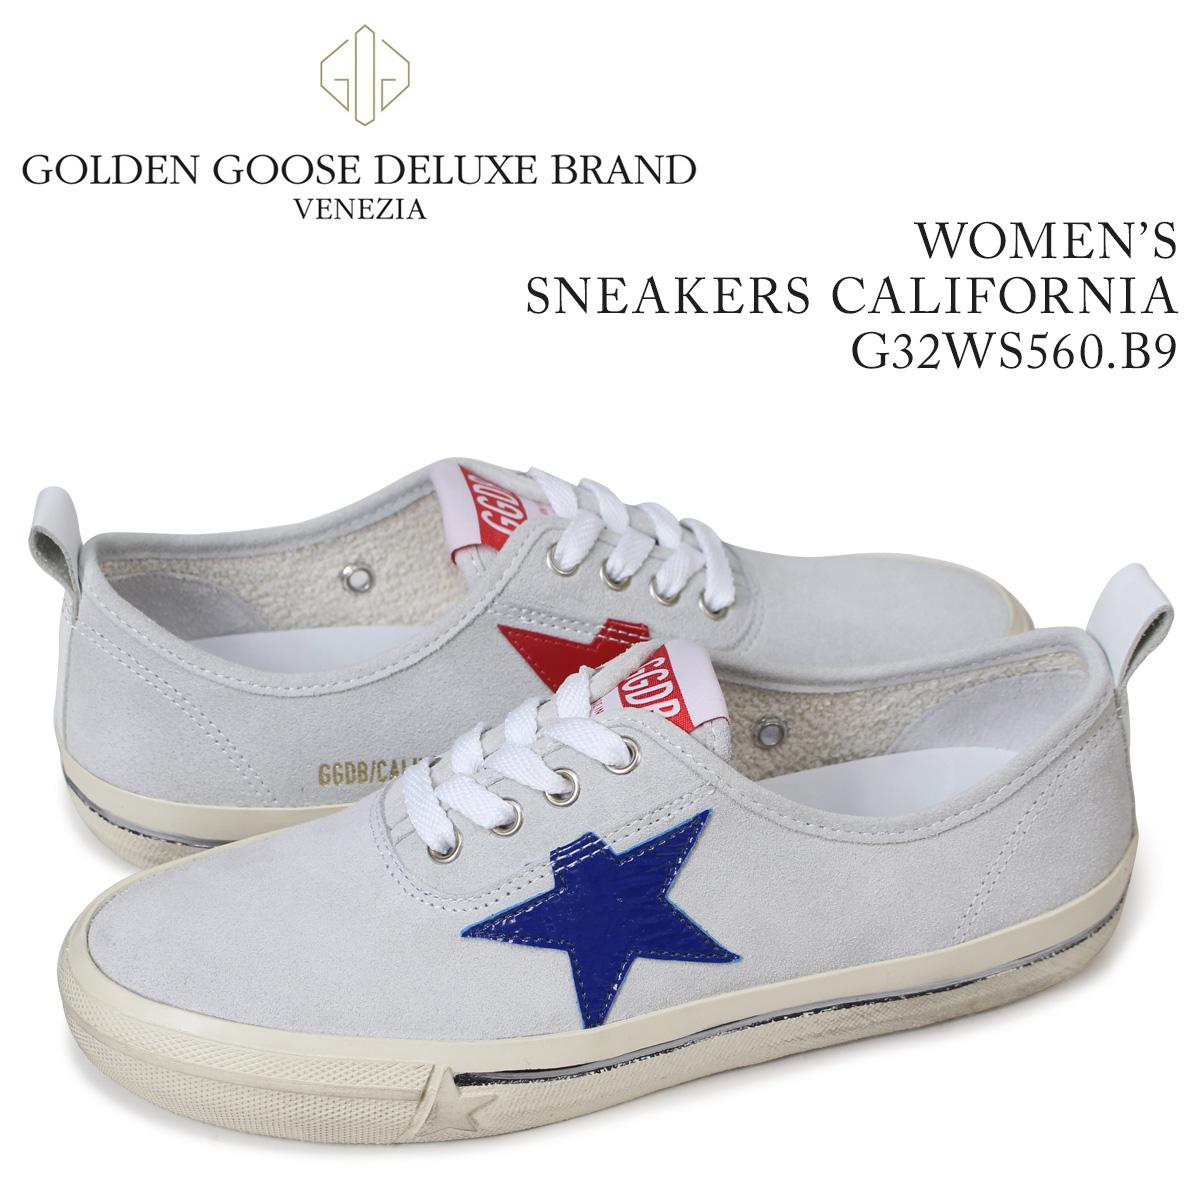 ゴールデングース Golden Goose スニーカー レディース スニーカー ズ カリフォルニア SNEAKERS CALIFORNIA ホワイト G32WS560 B9